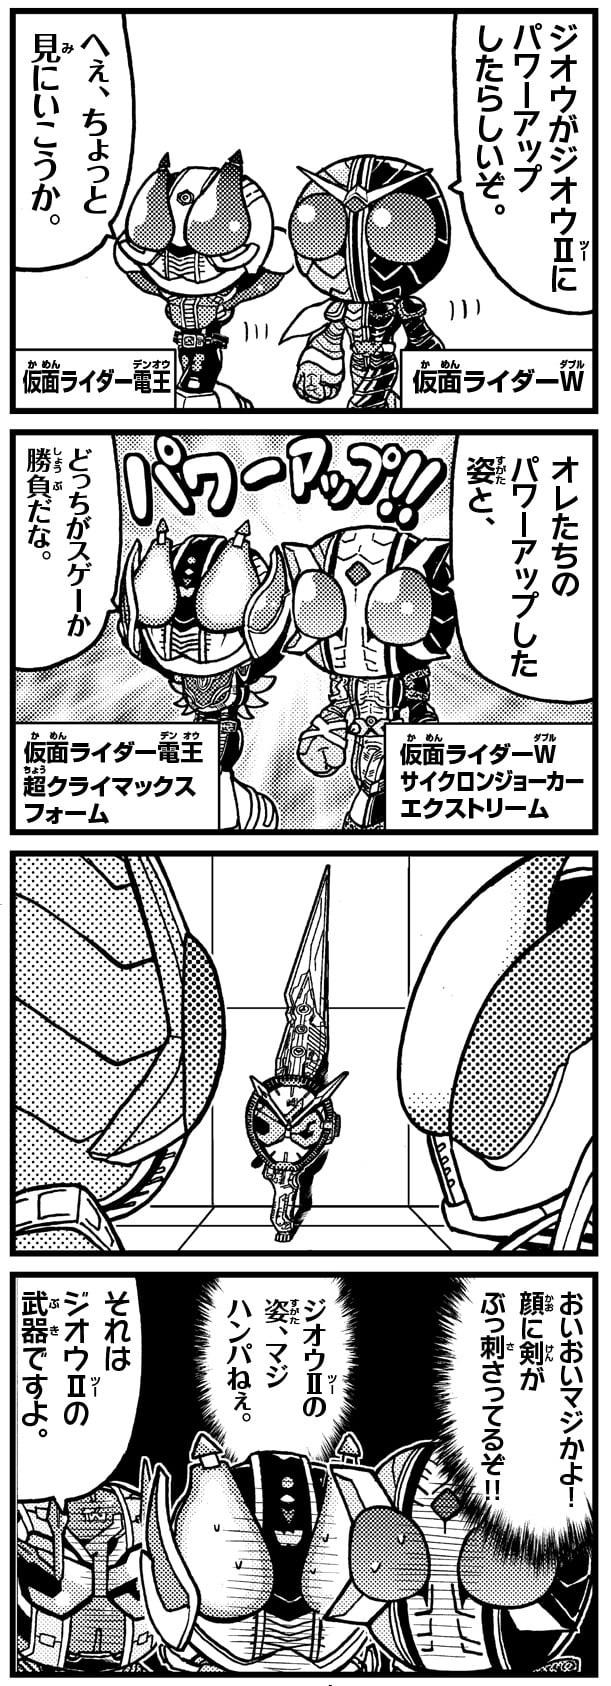 平成&昭和の仮面ライダー4コマ漫画『ガンバライジング!!』3:ジオウがパワーアップ!? 1コマ目